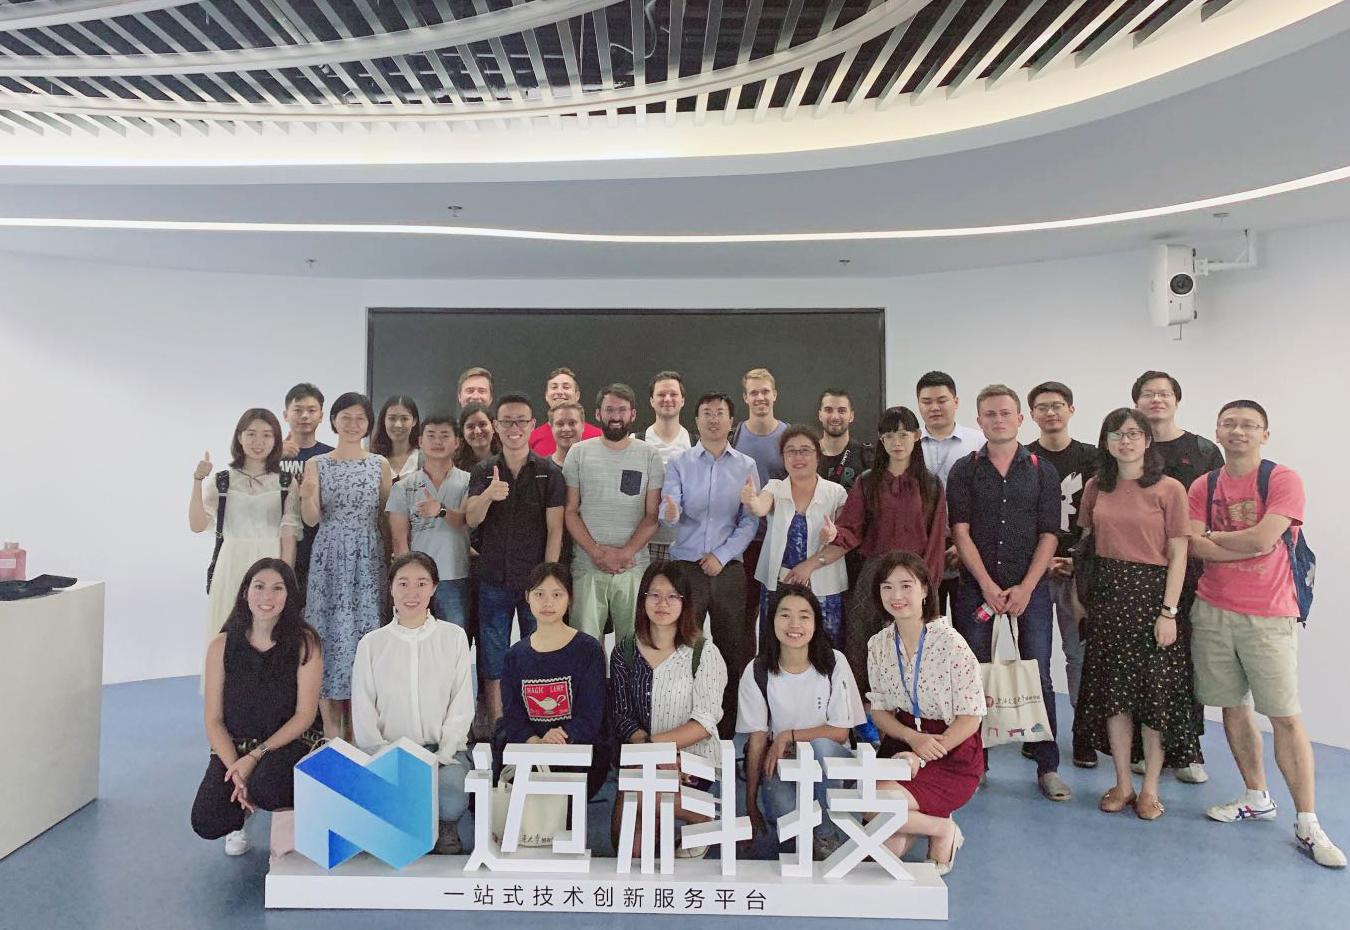 上海交大与德国卡尔斯鲁尔理工学院联合创业学校一行就技术商业化访问迈科技